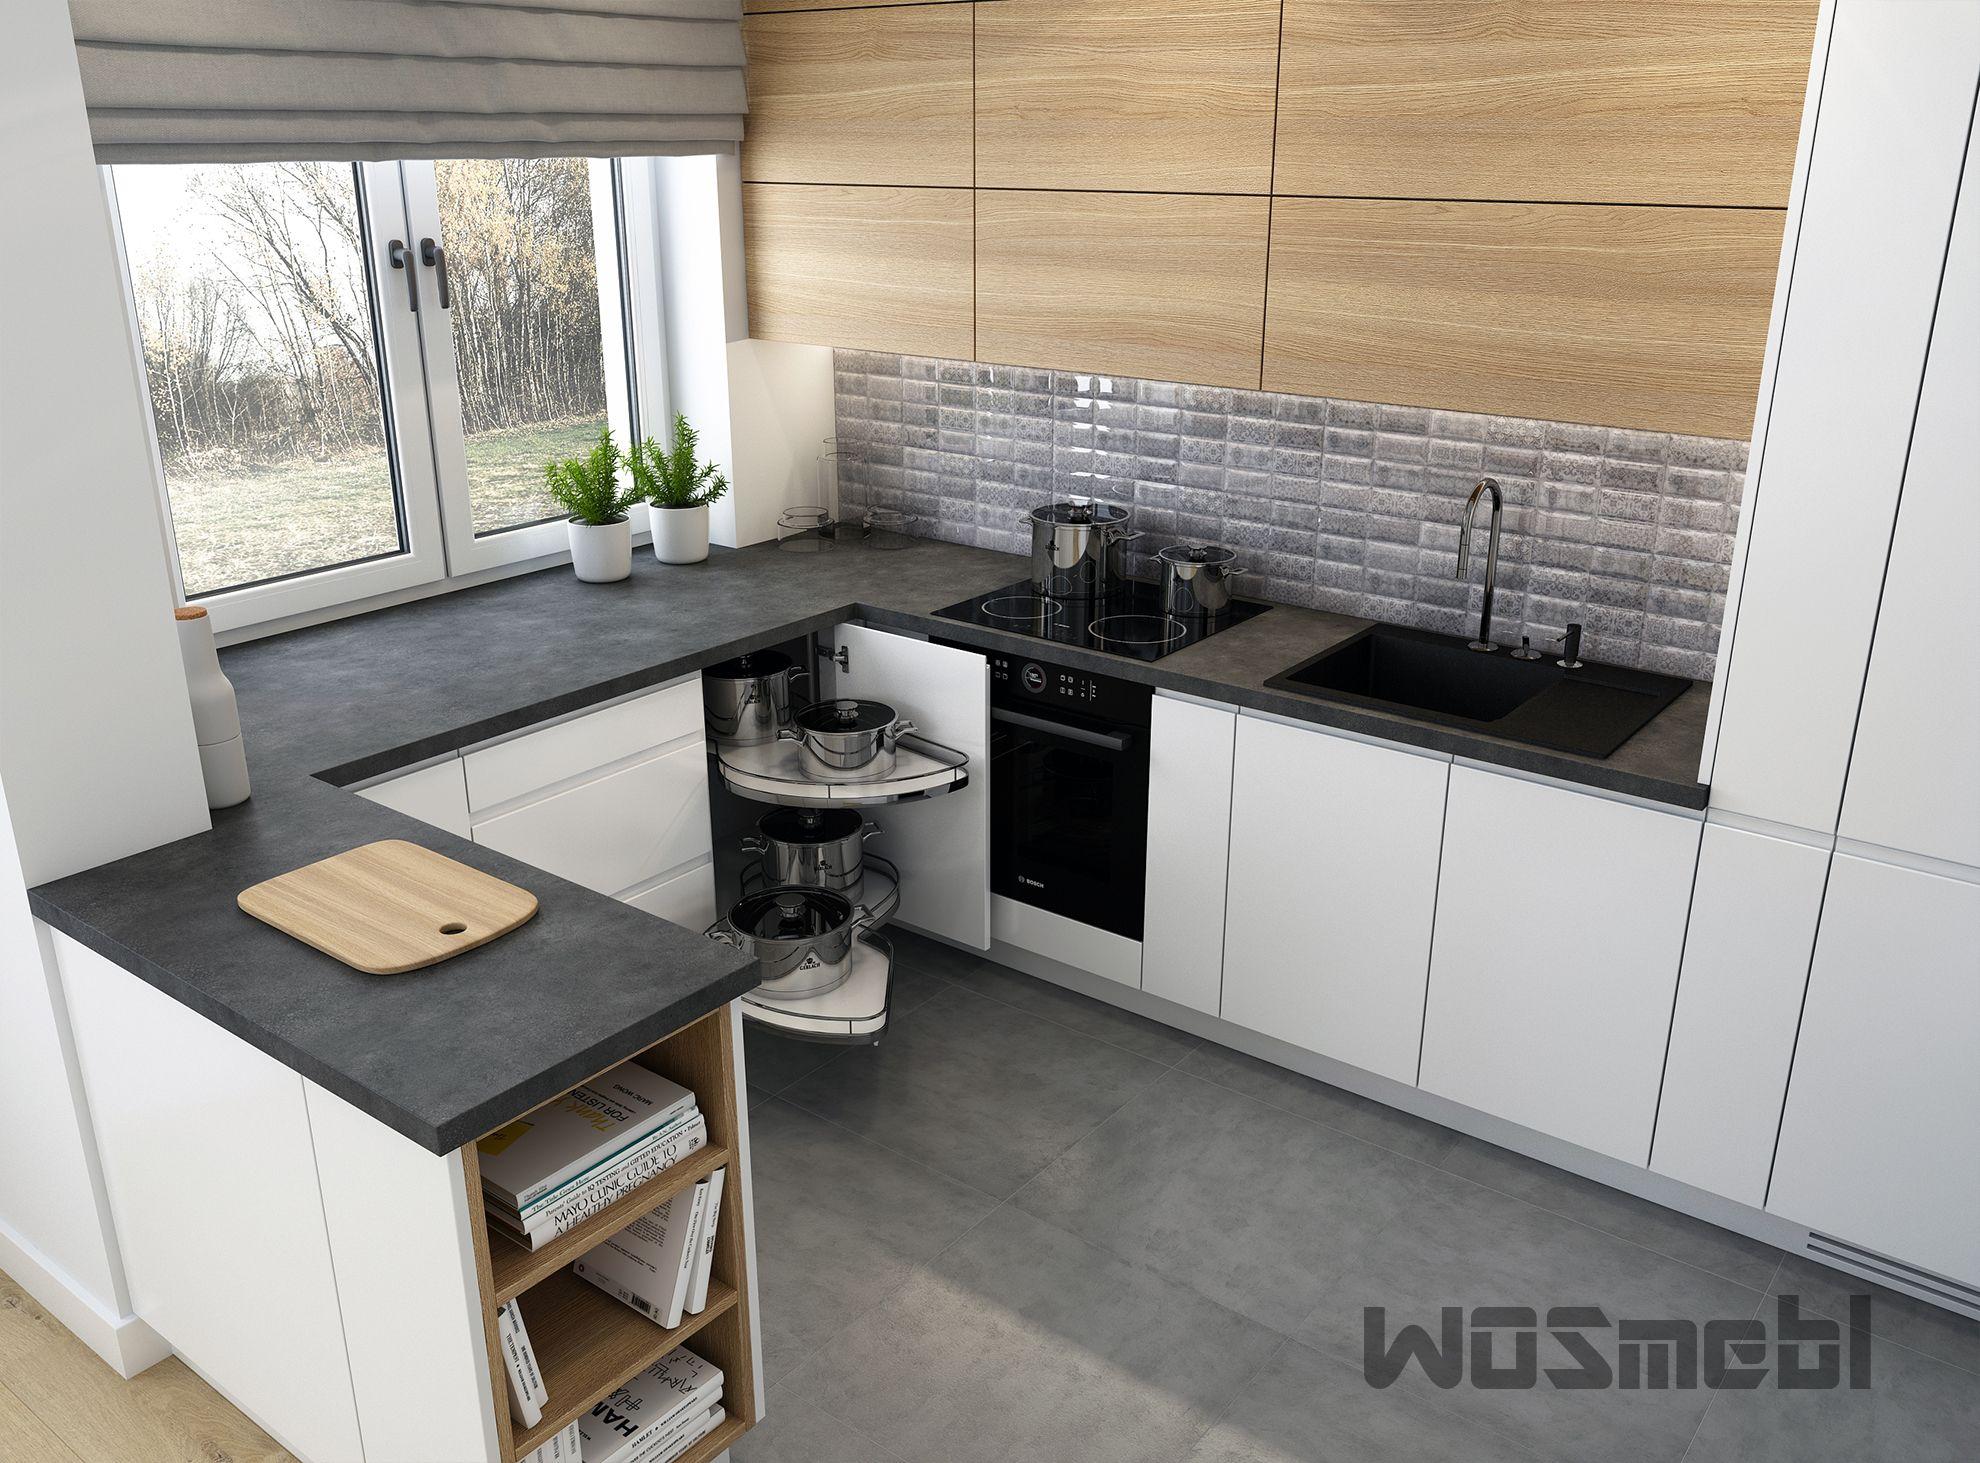 Realizacje Meble Kuchenne Na Wymiar Rzeszow Wosmebl Home Kitchen Kitchen Cabinets